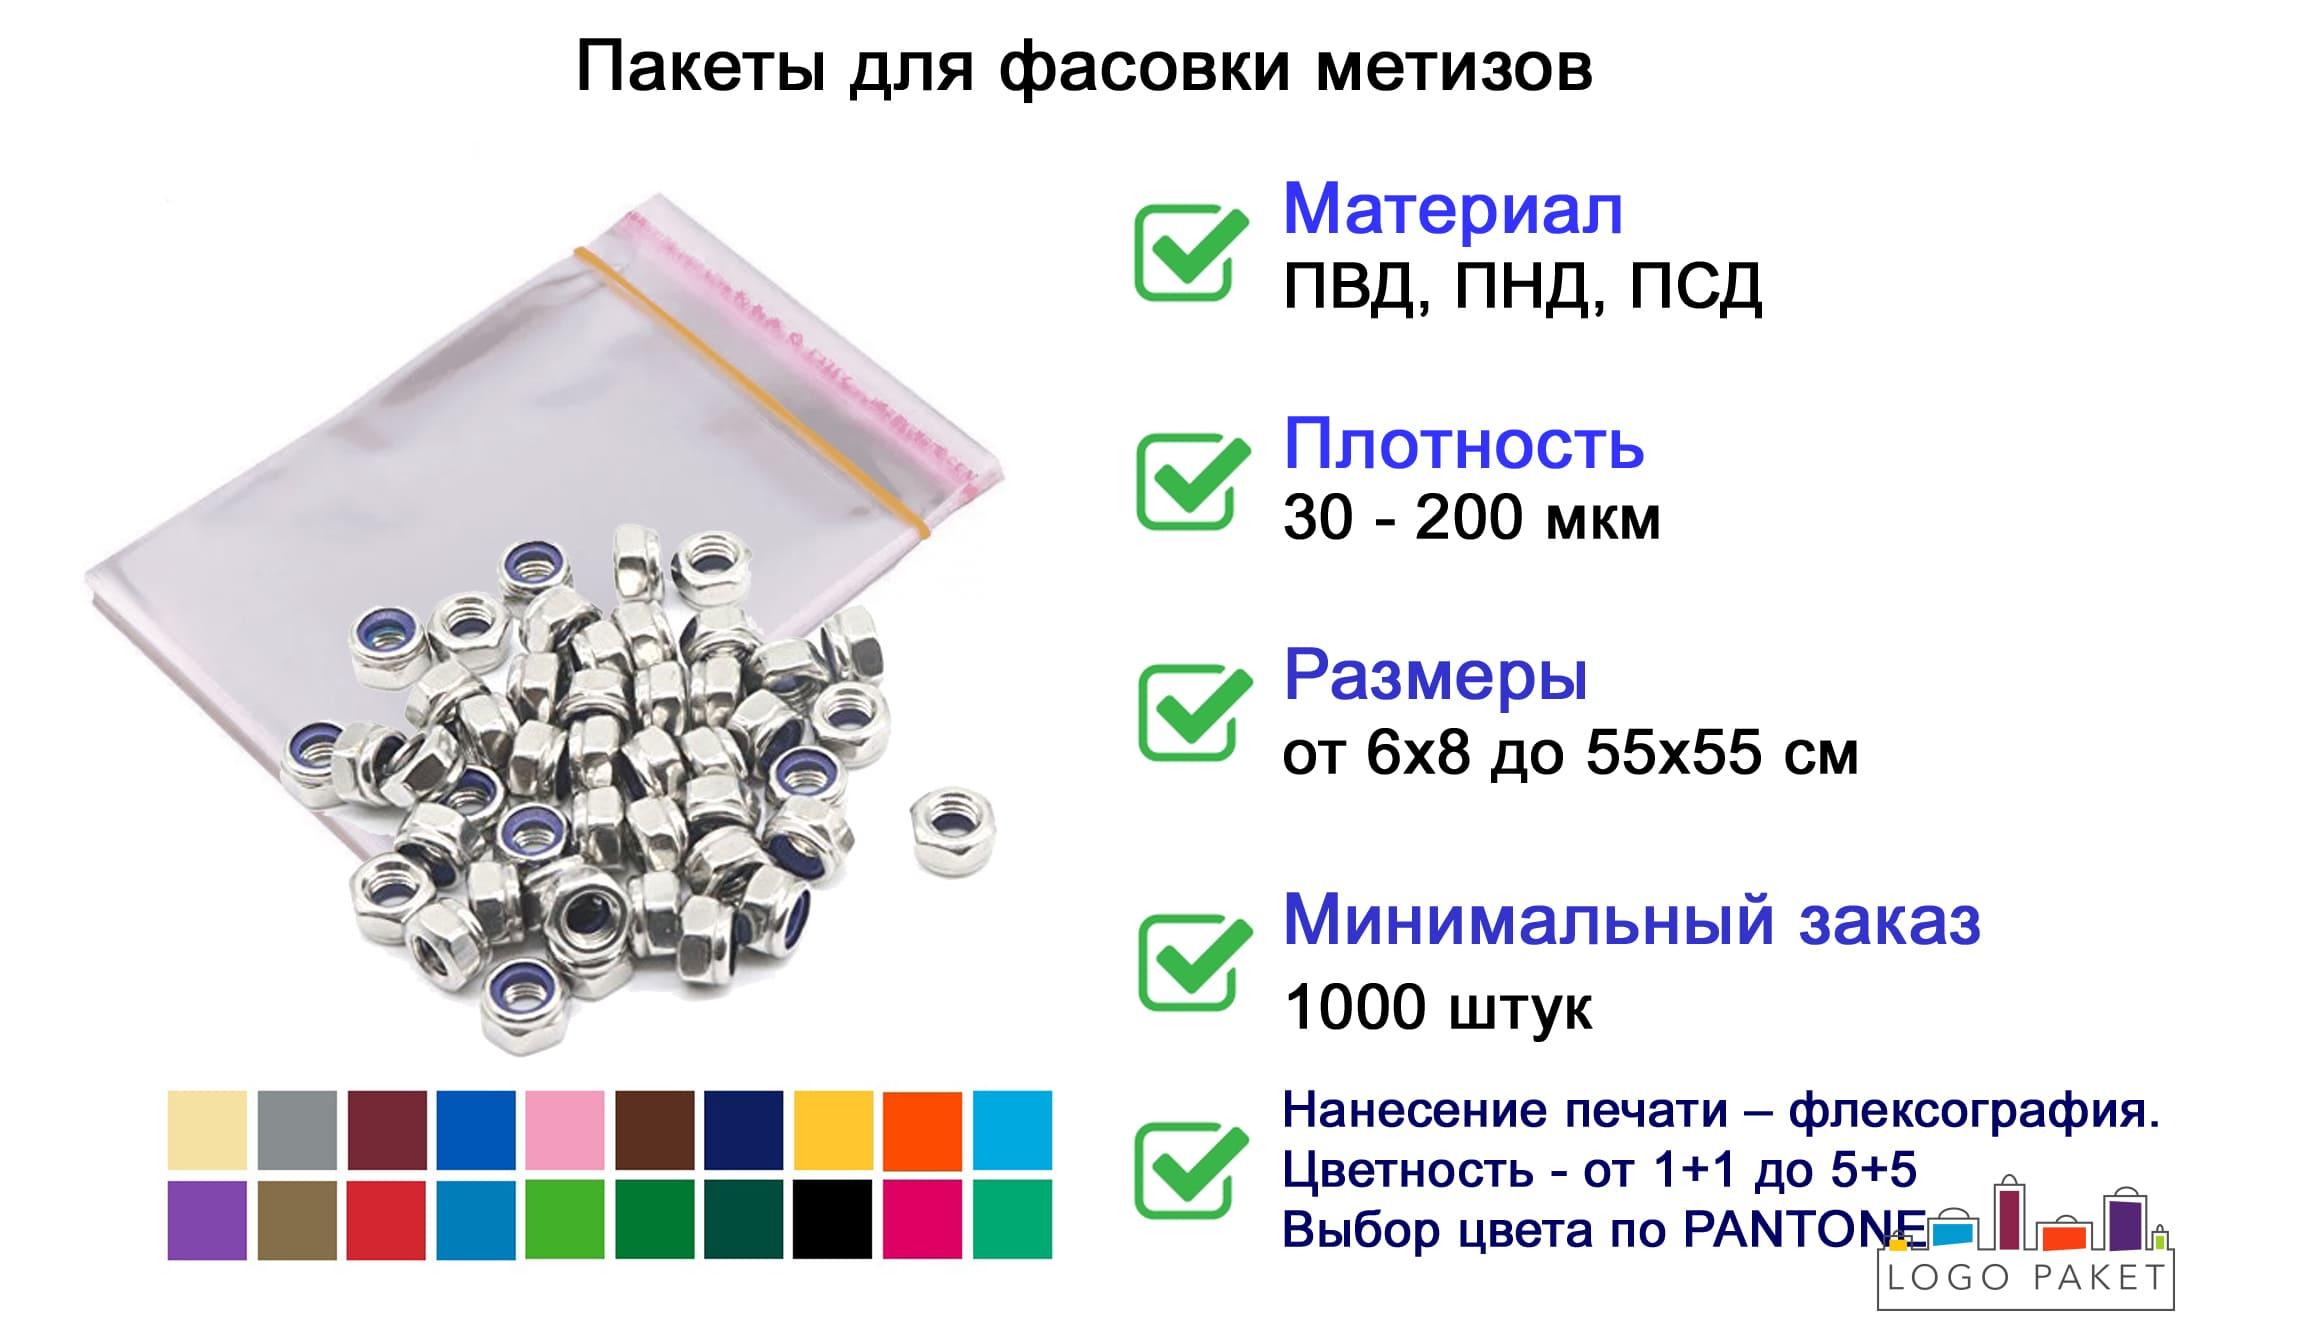 Пакеты для метизов инфографика